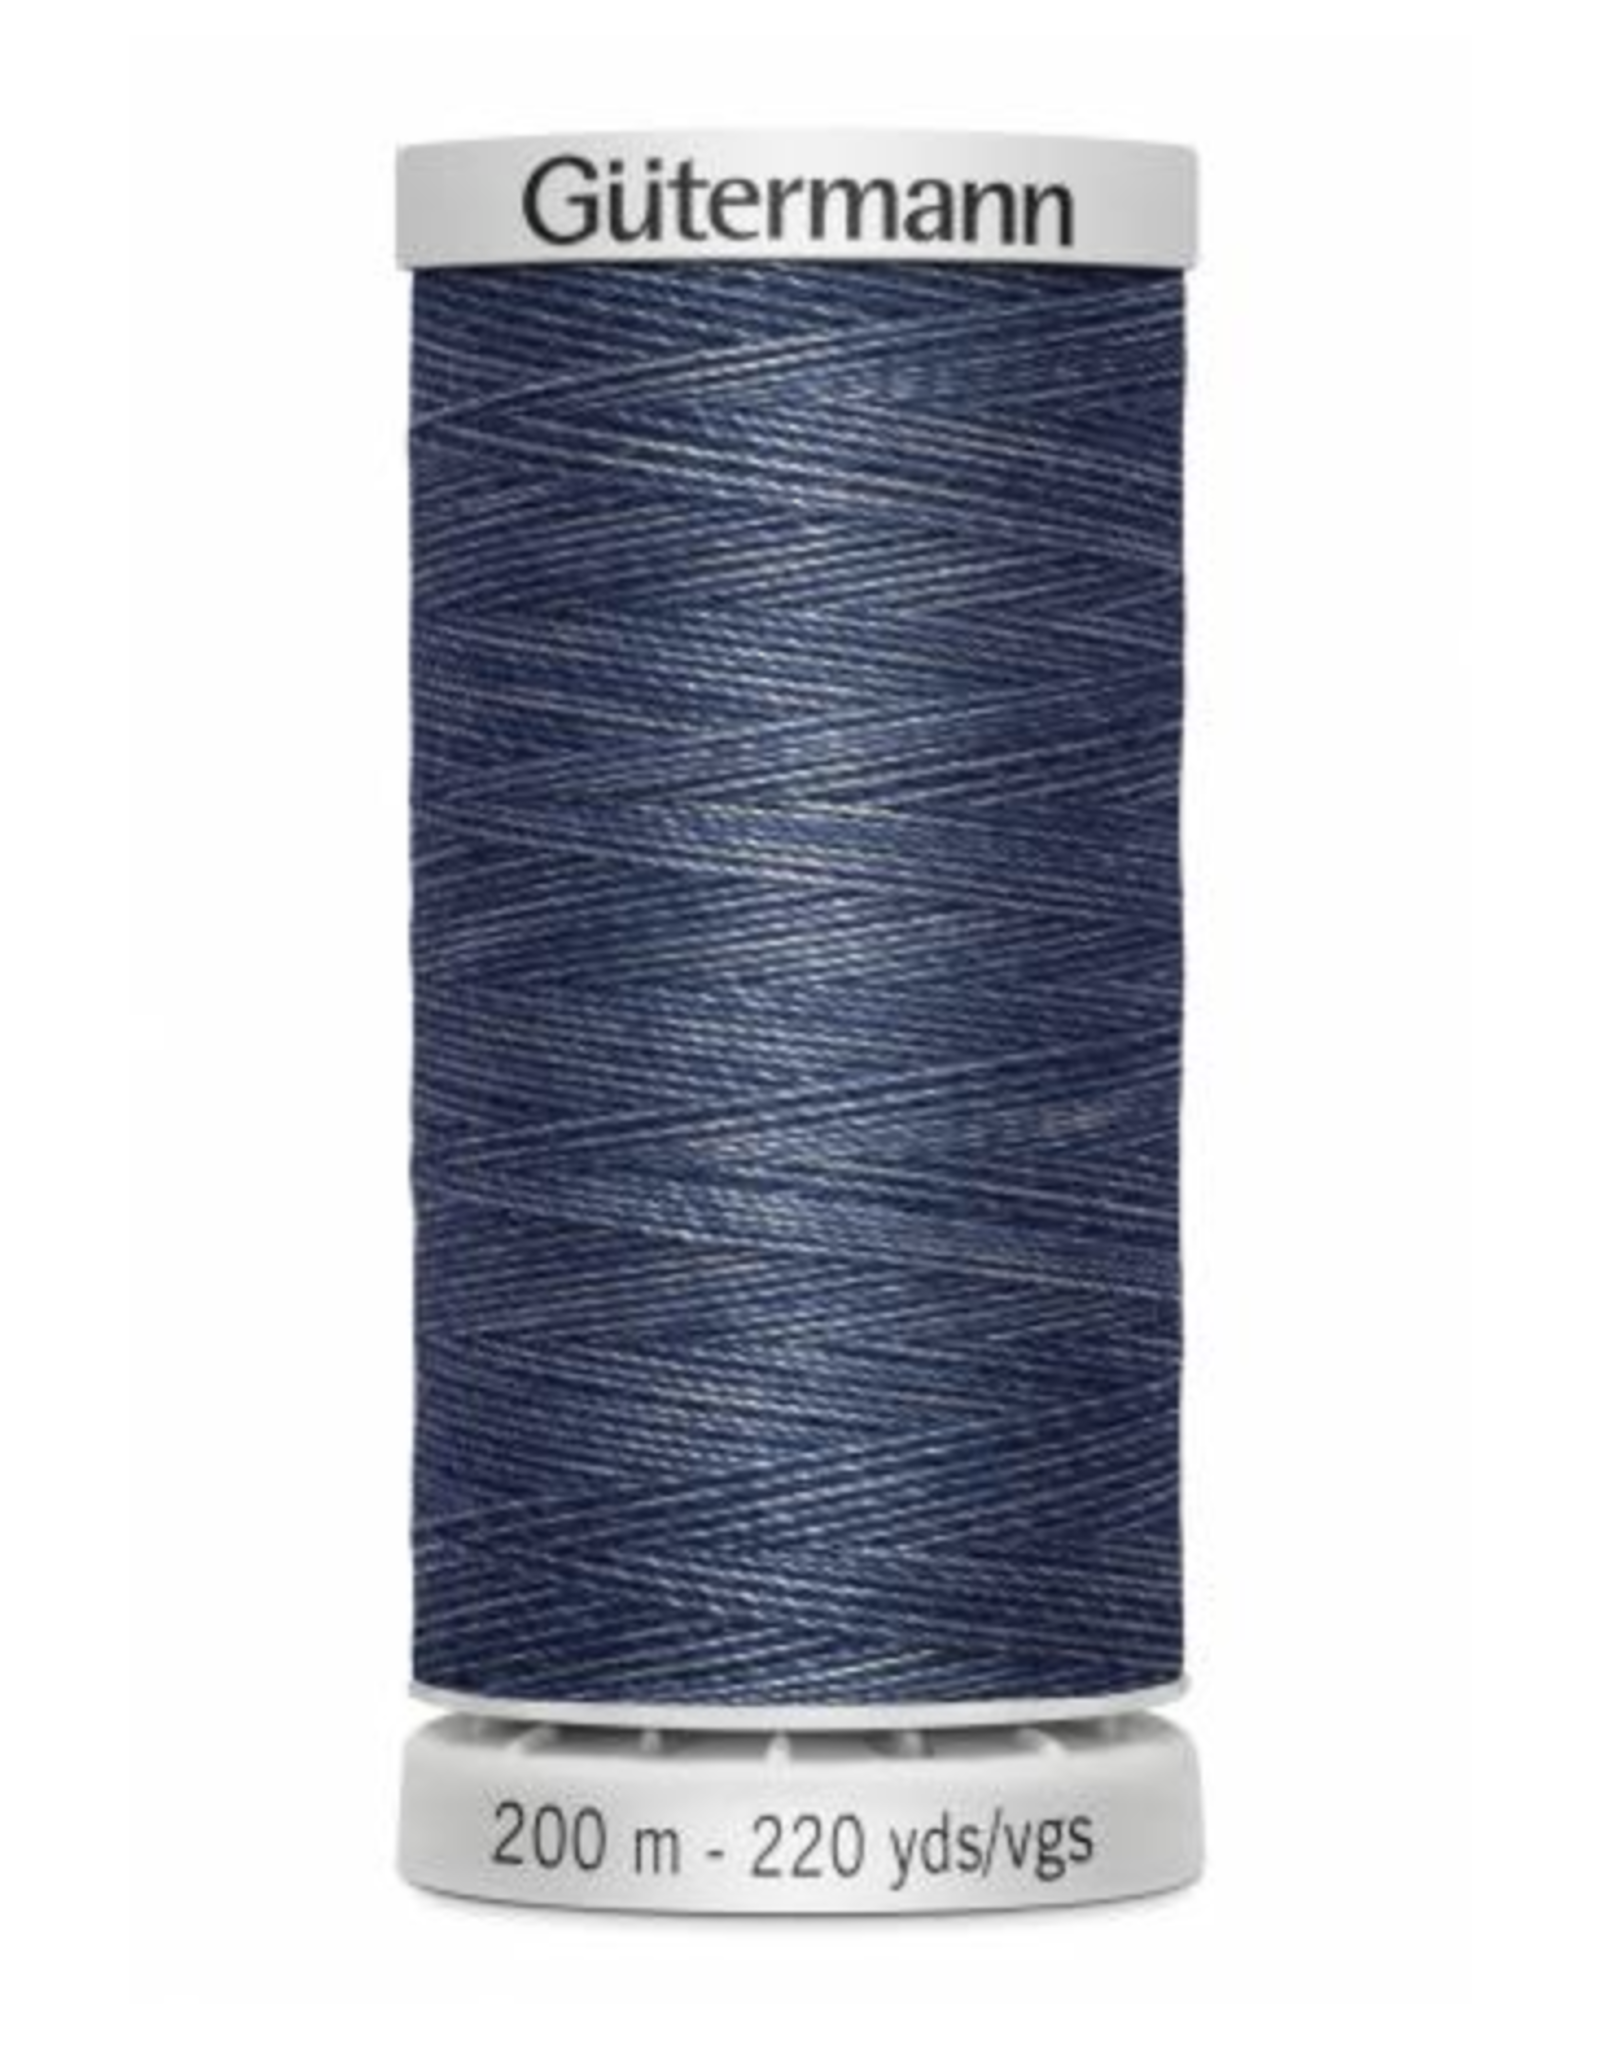 Gutermann Jeans Cotton Thread